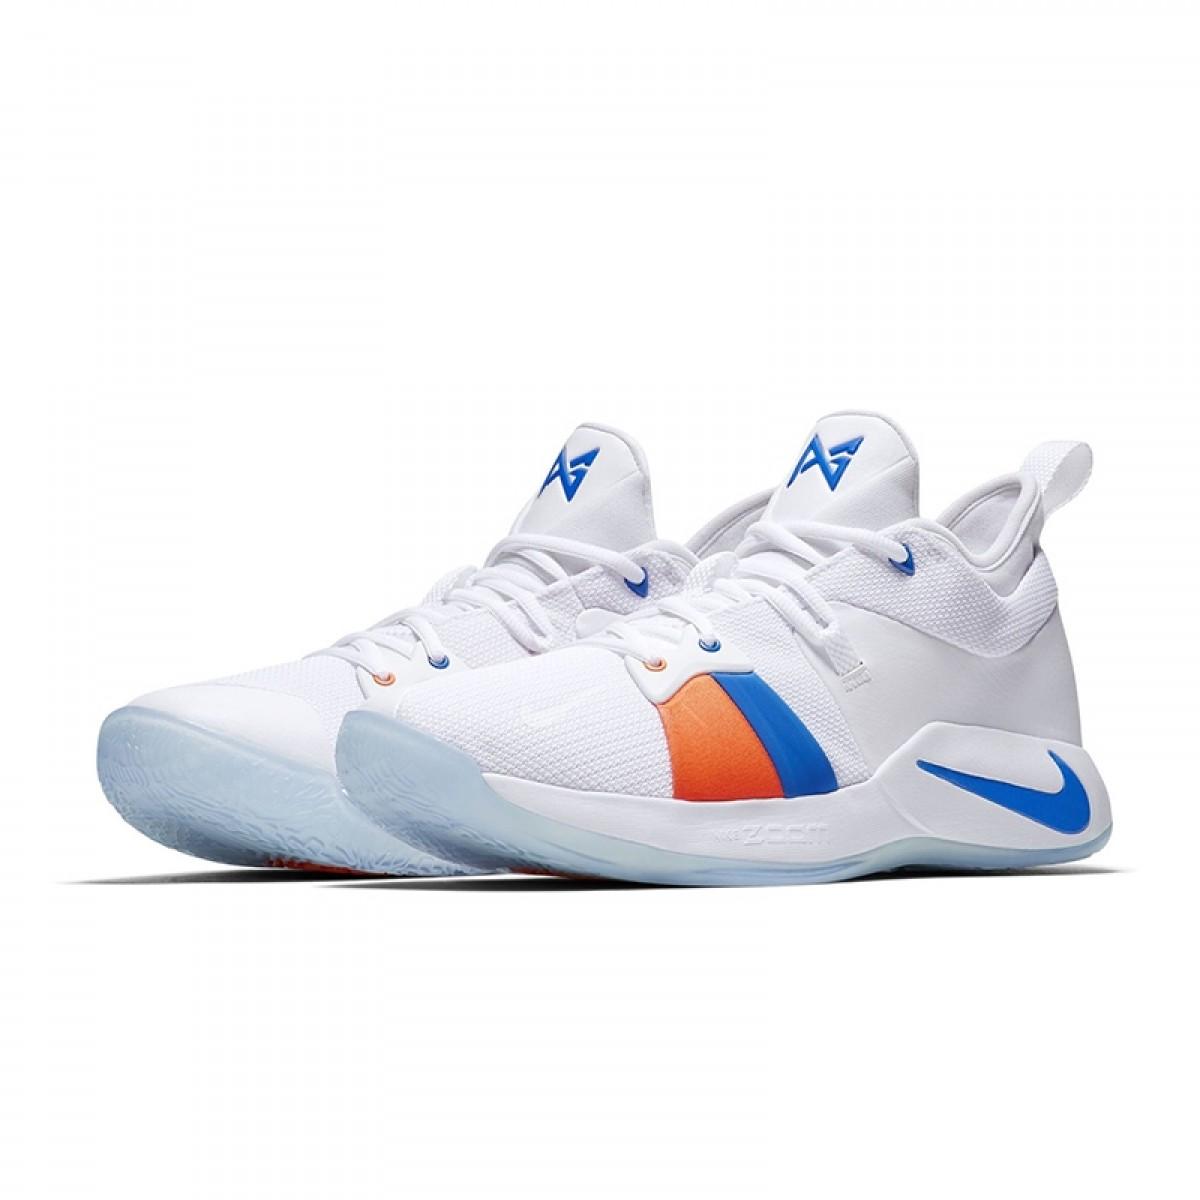 Nike PG2 'The Bait' AJ2039-100